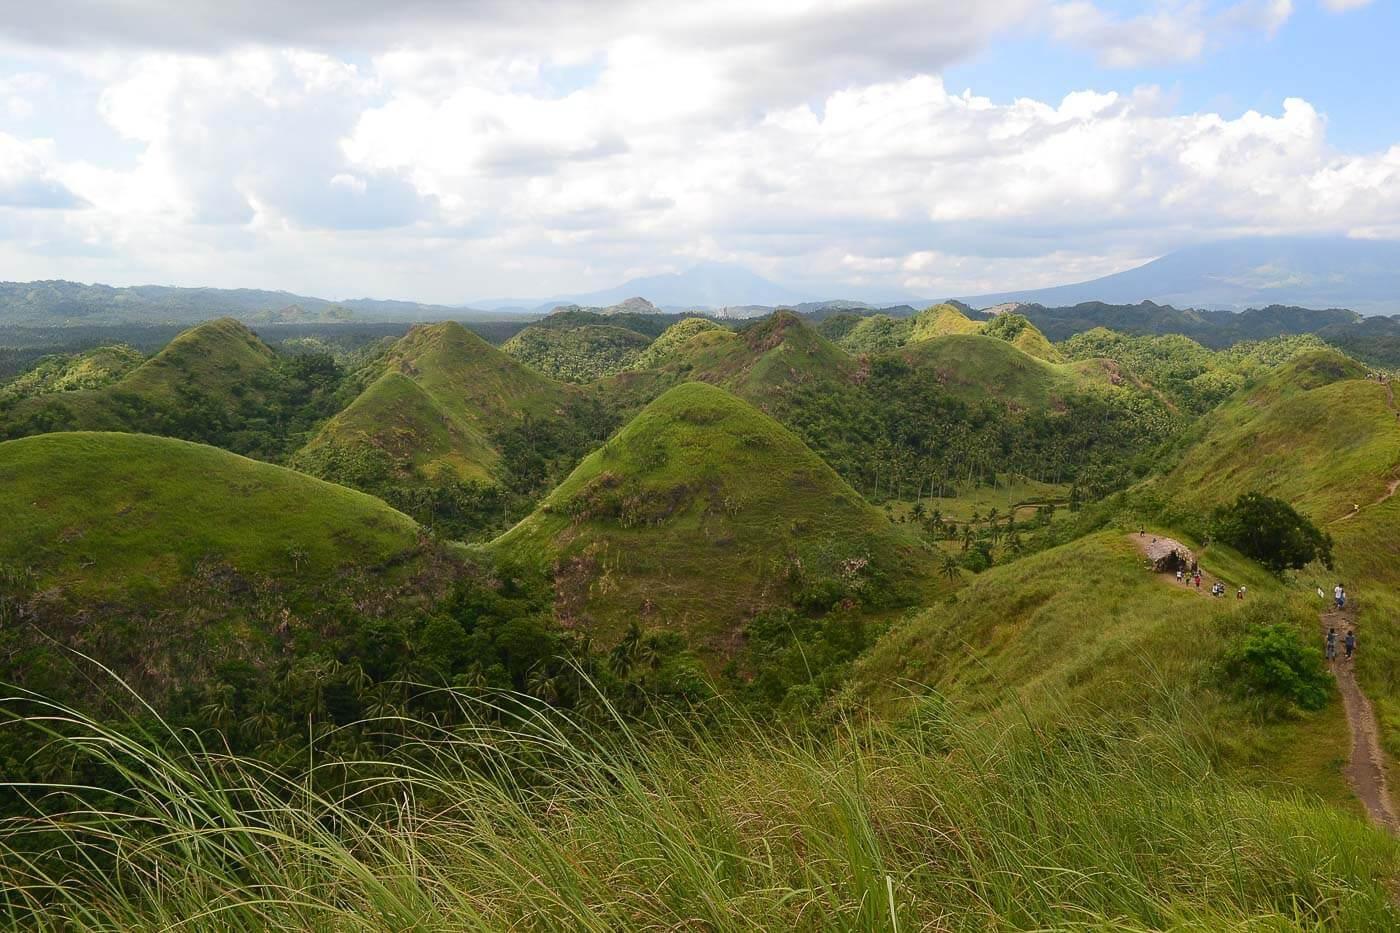 Viagem para as Filipinas - Chocolate Hills